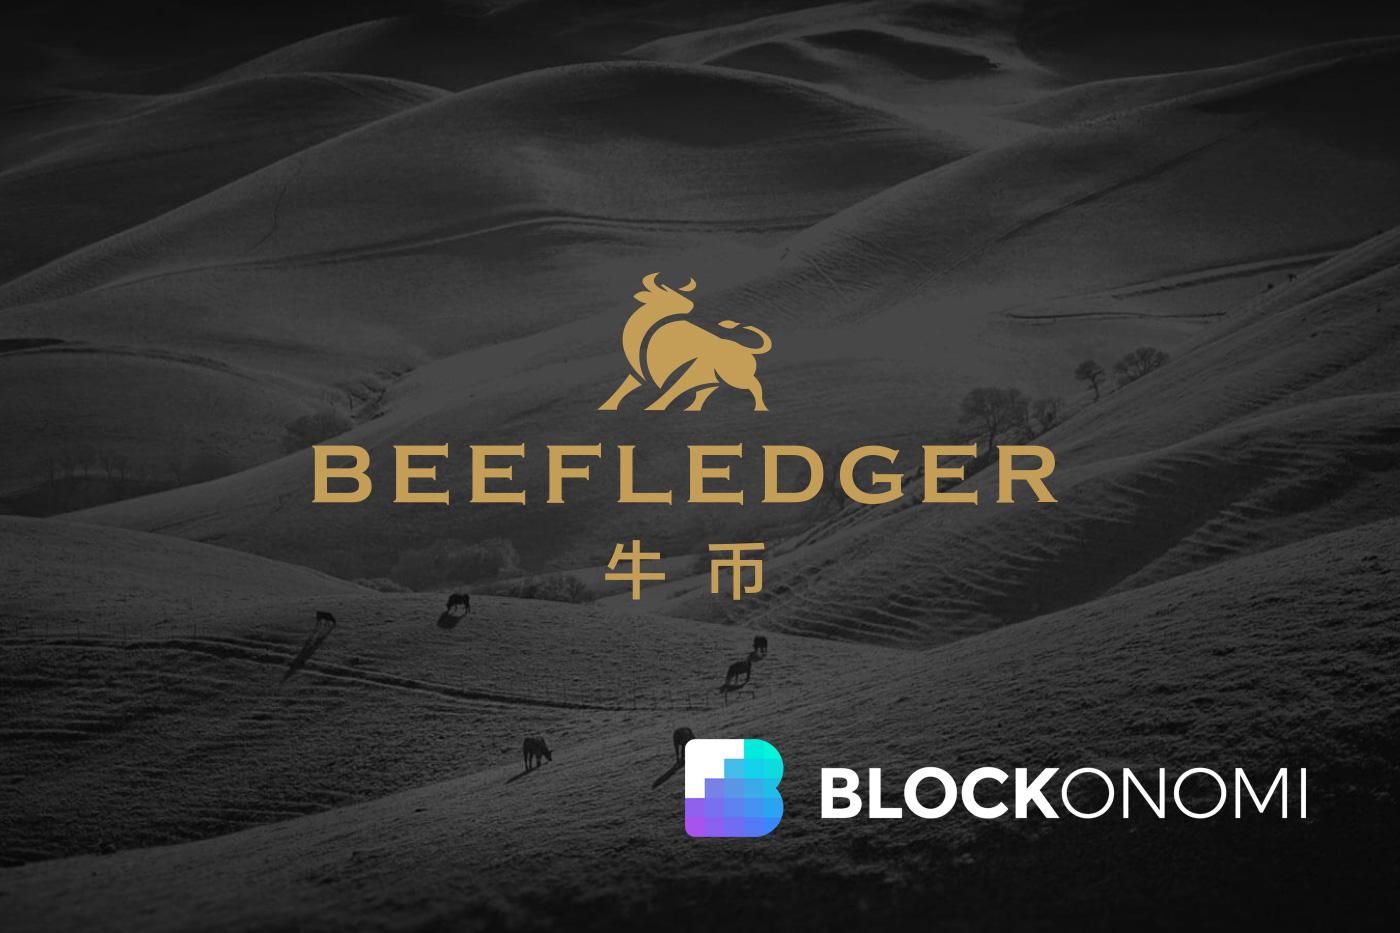 Beedfledger